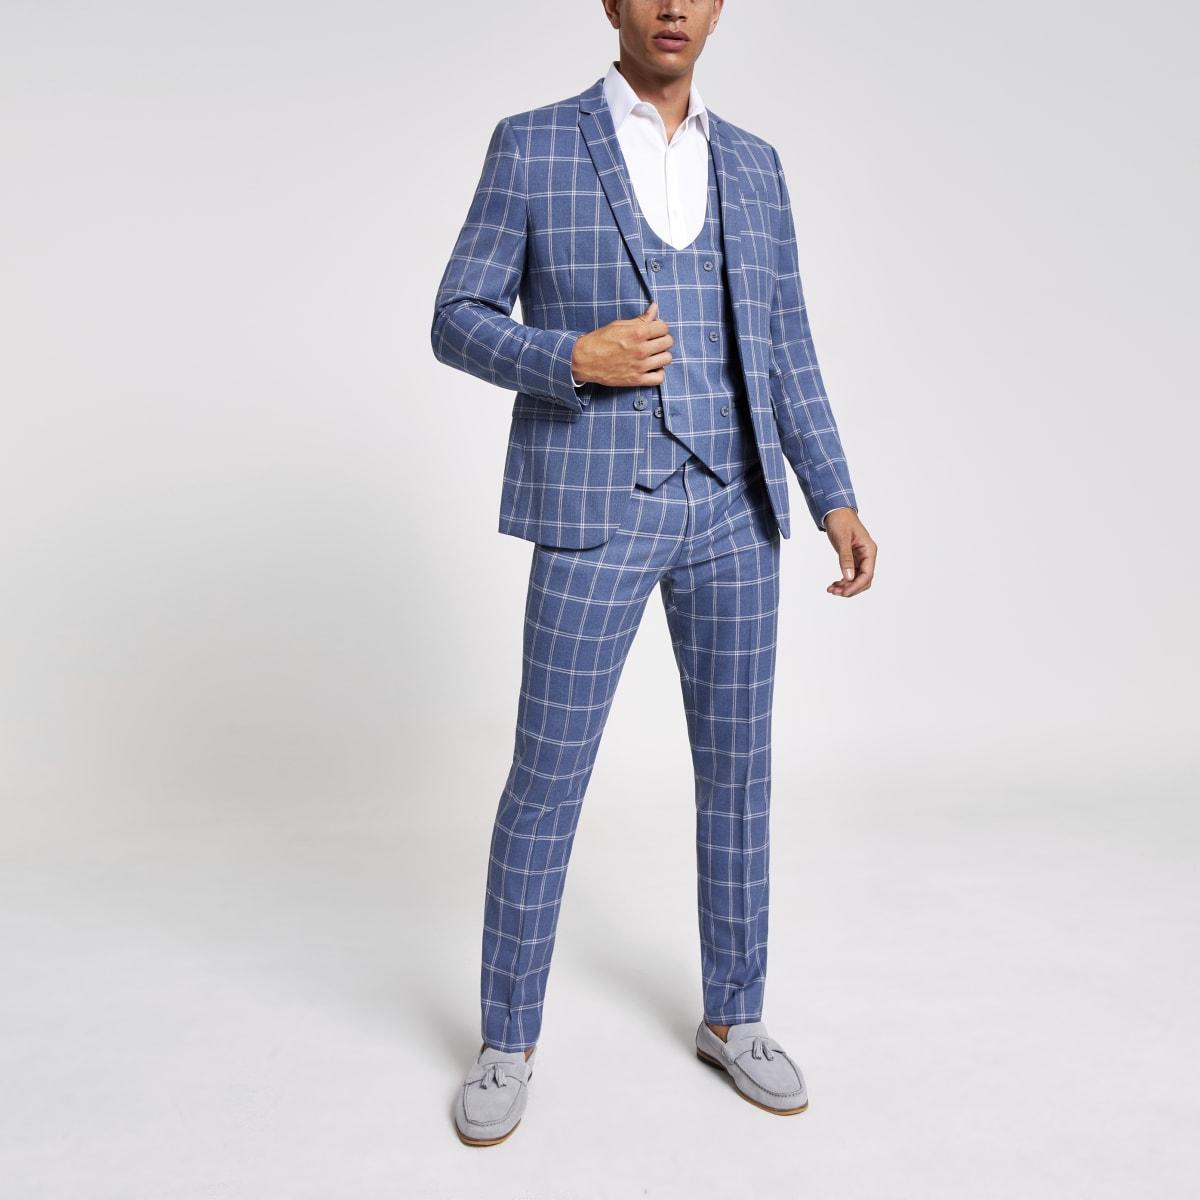 Blue check suit vest